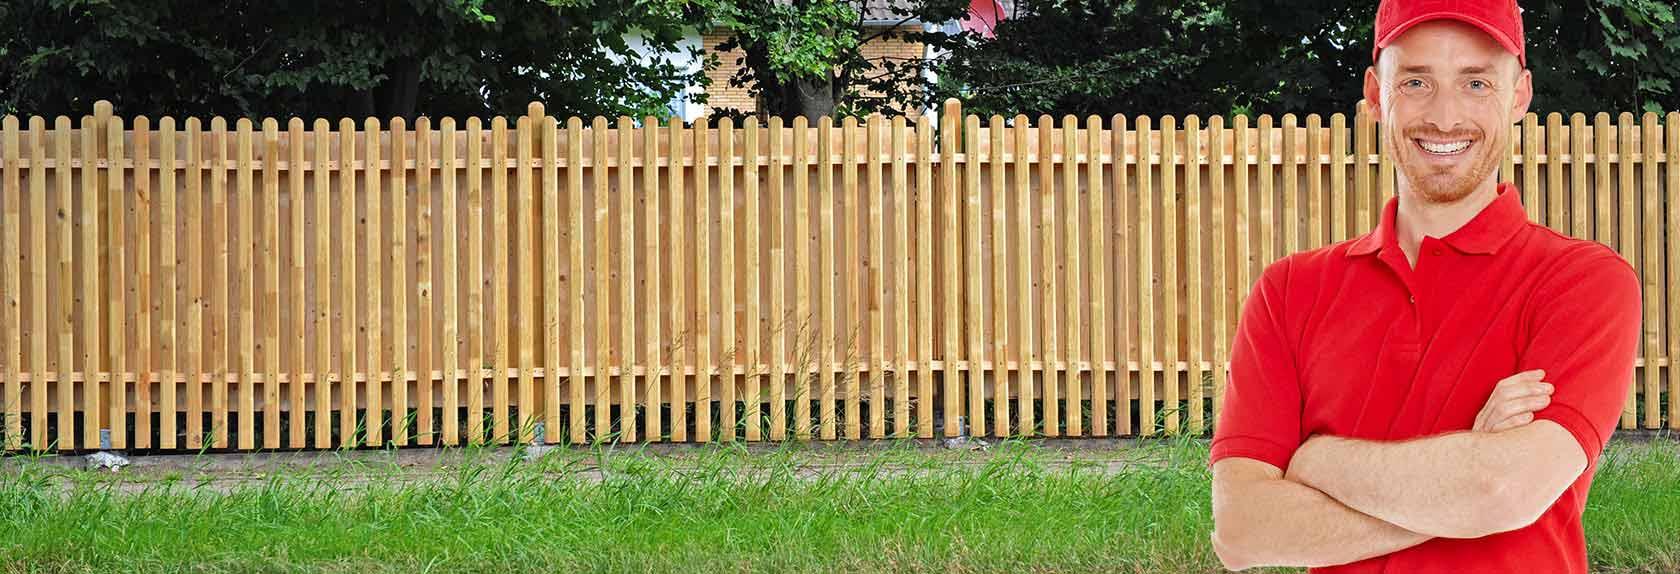 Kosten Zaun Laufender Meter zaunbau preise – preisvergleich auf 11880